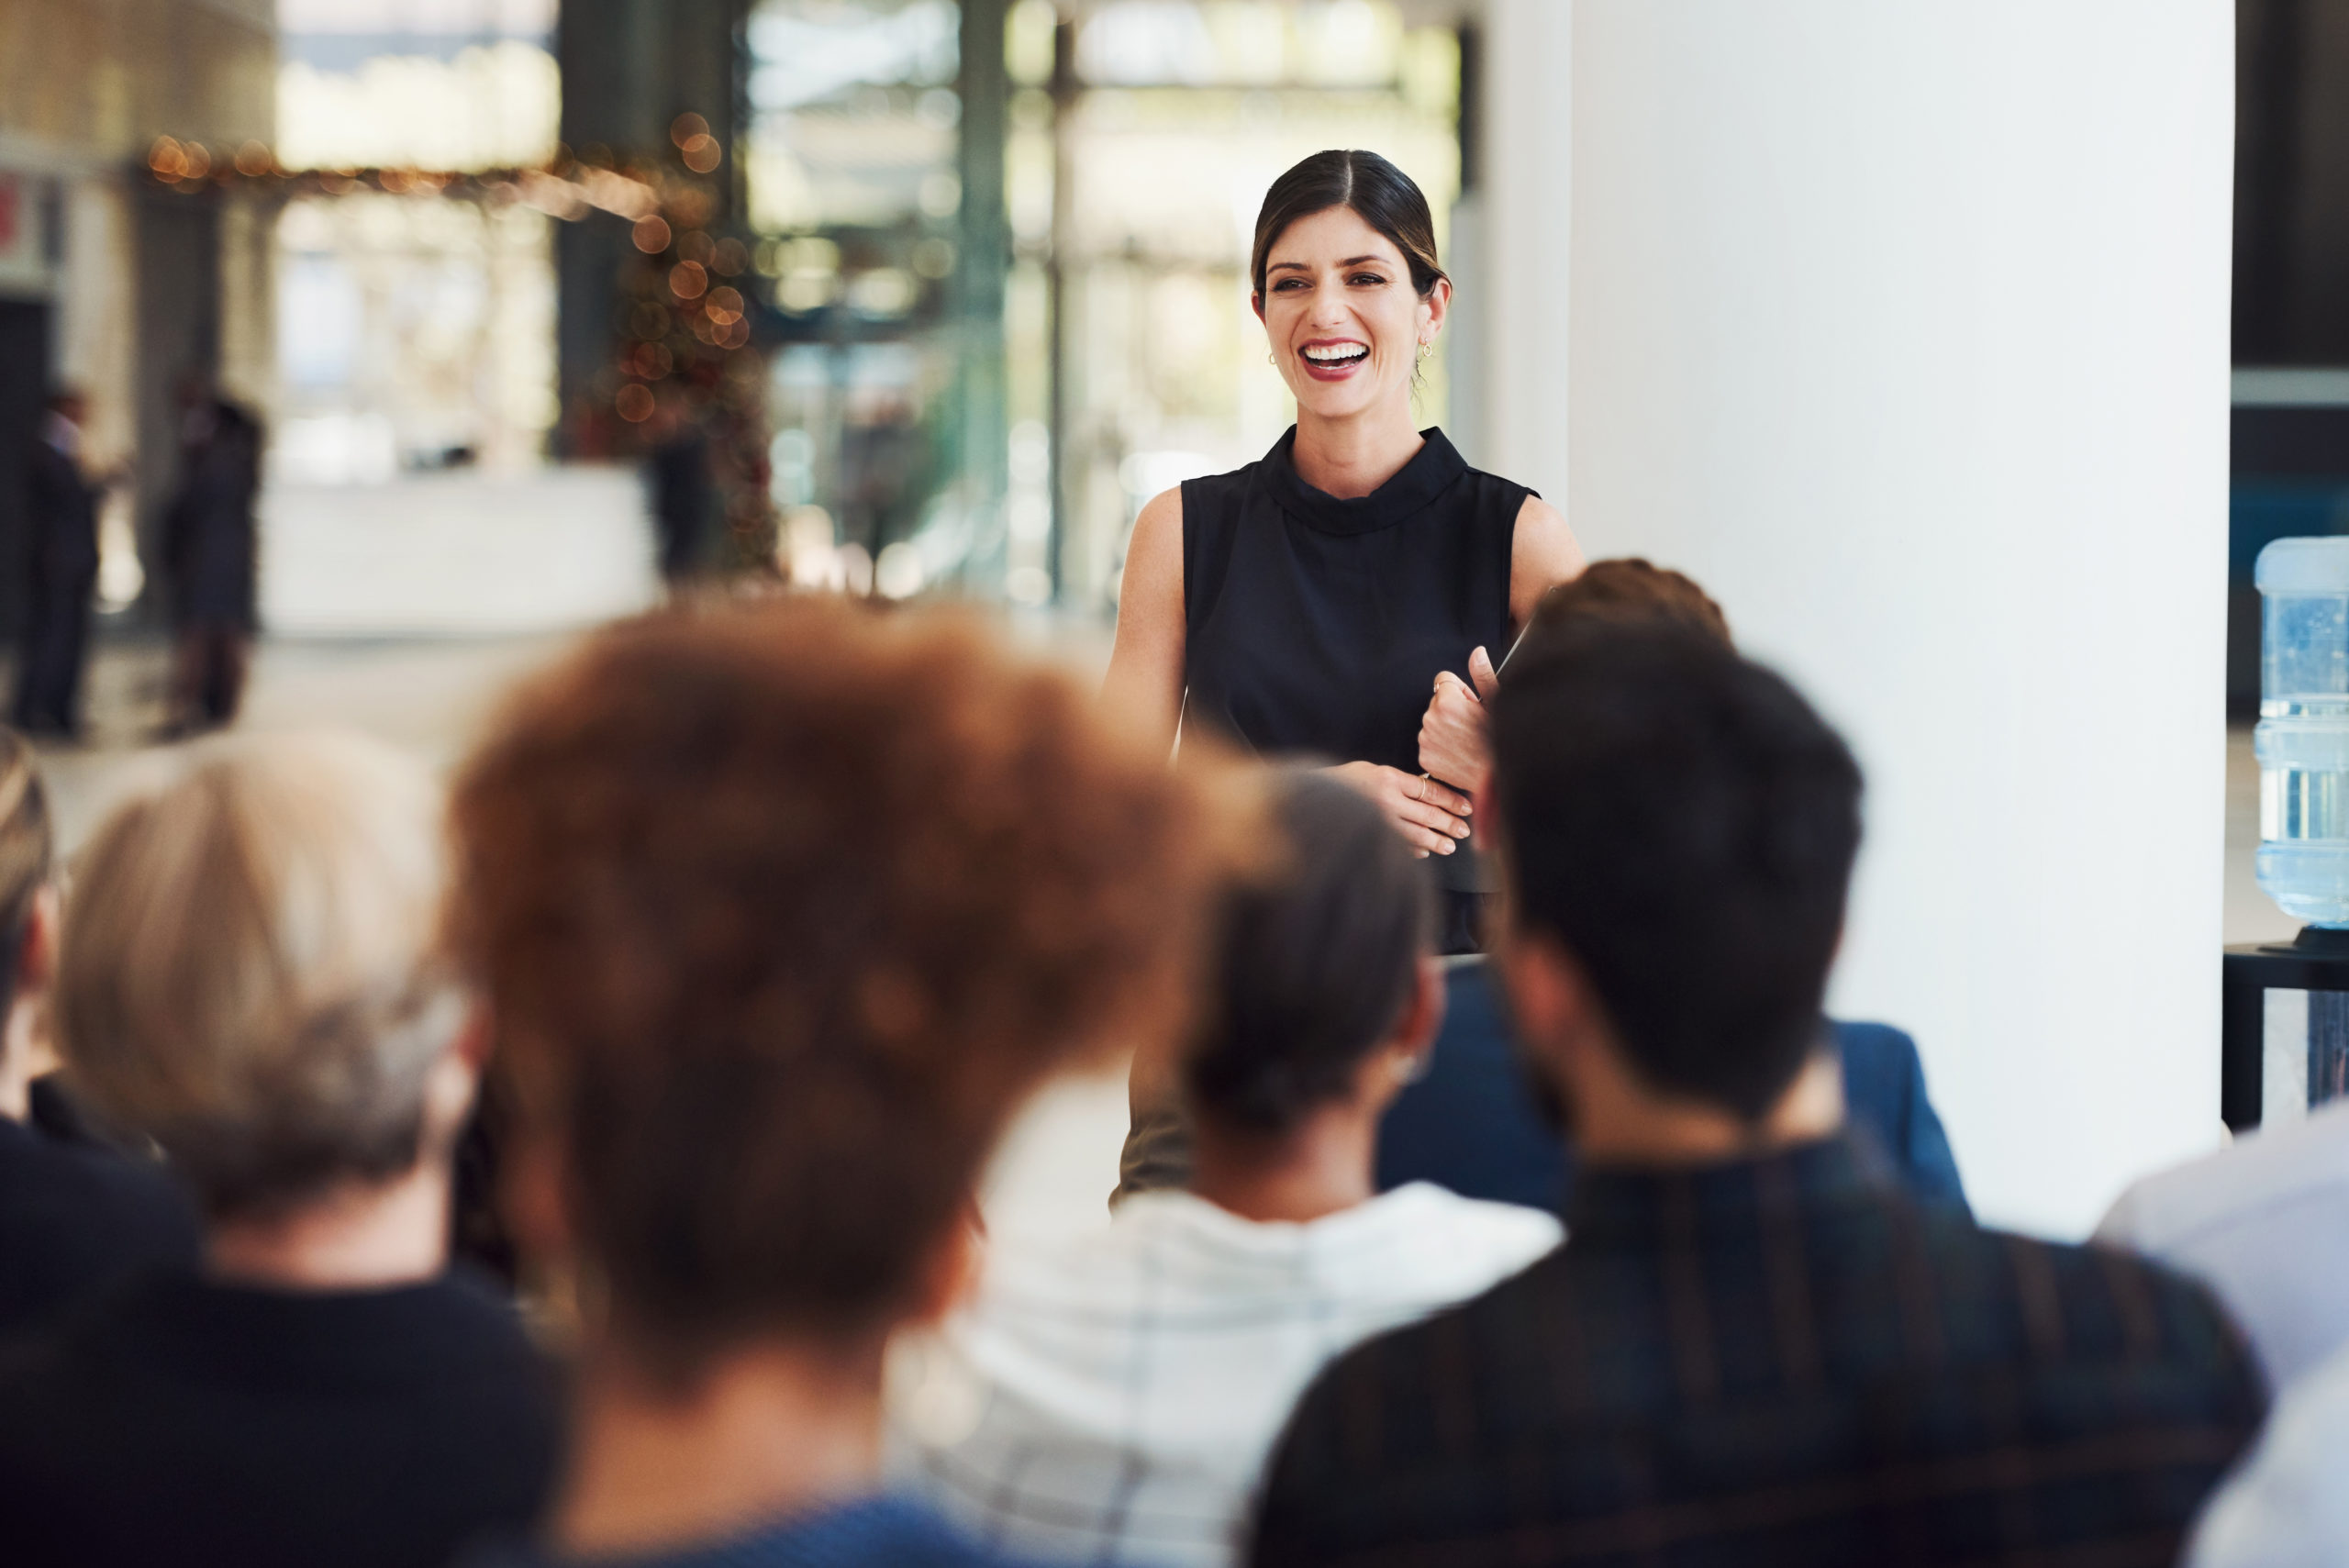 El arte del speaker: cómo hablar en público y no aburrir a la audiencia